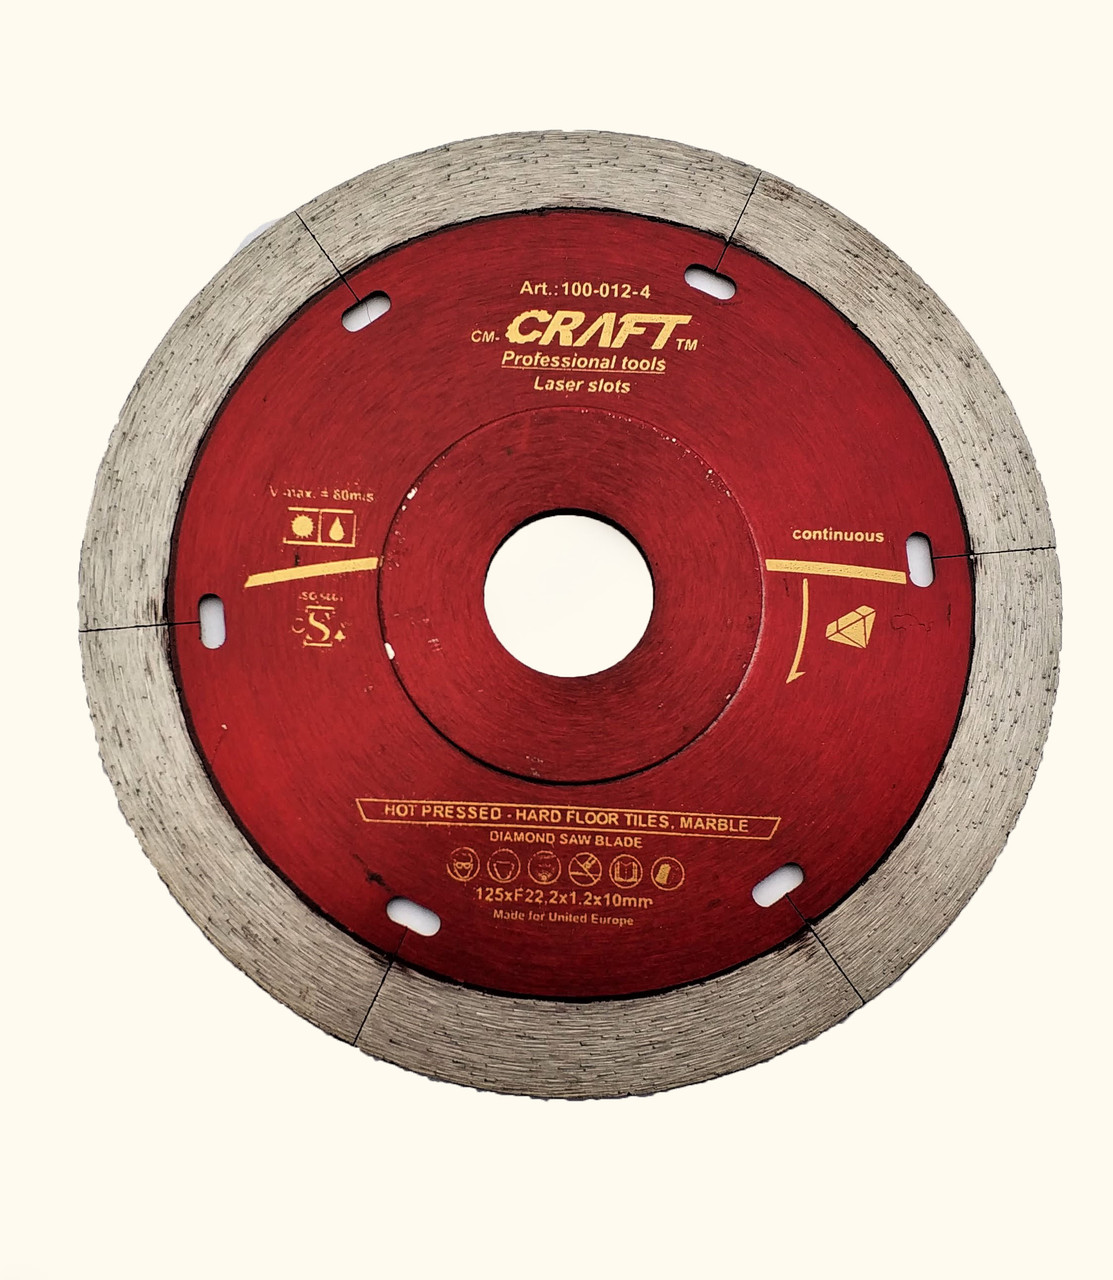 112-4 Диск Craft алм. гарячого пресування із суцільним різцем, фланцем та лазерними шліцами 125*22,2*1,2*10мм